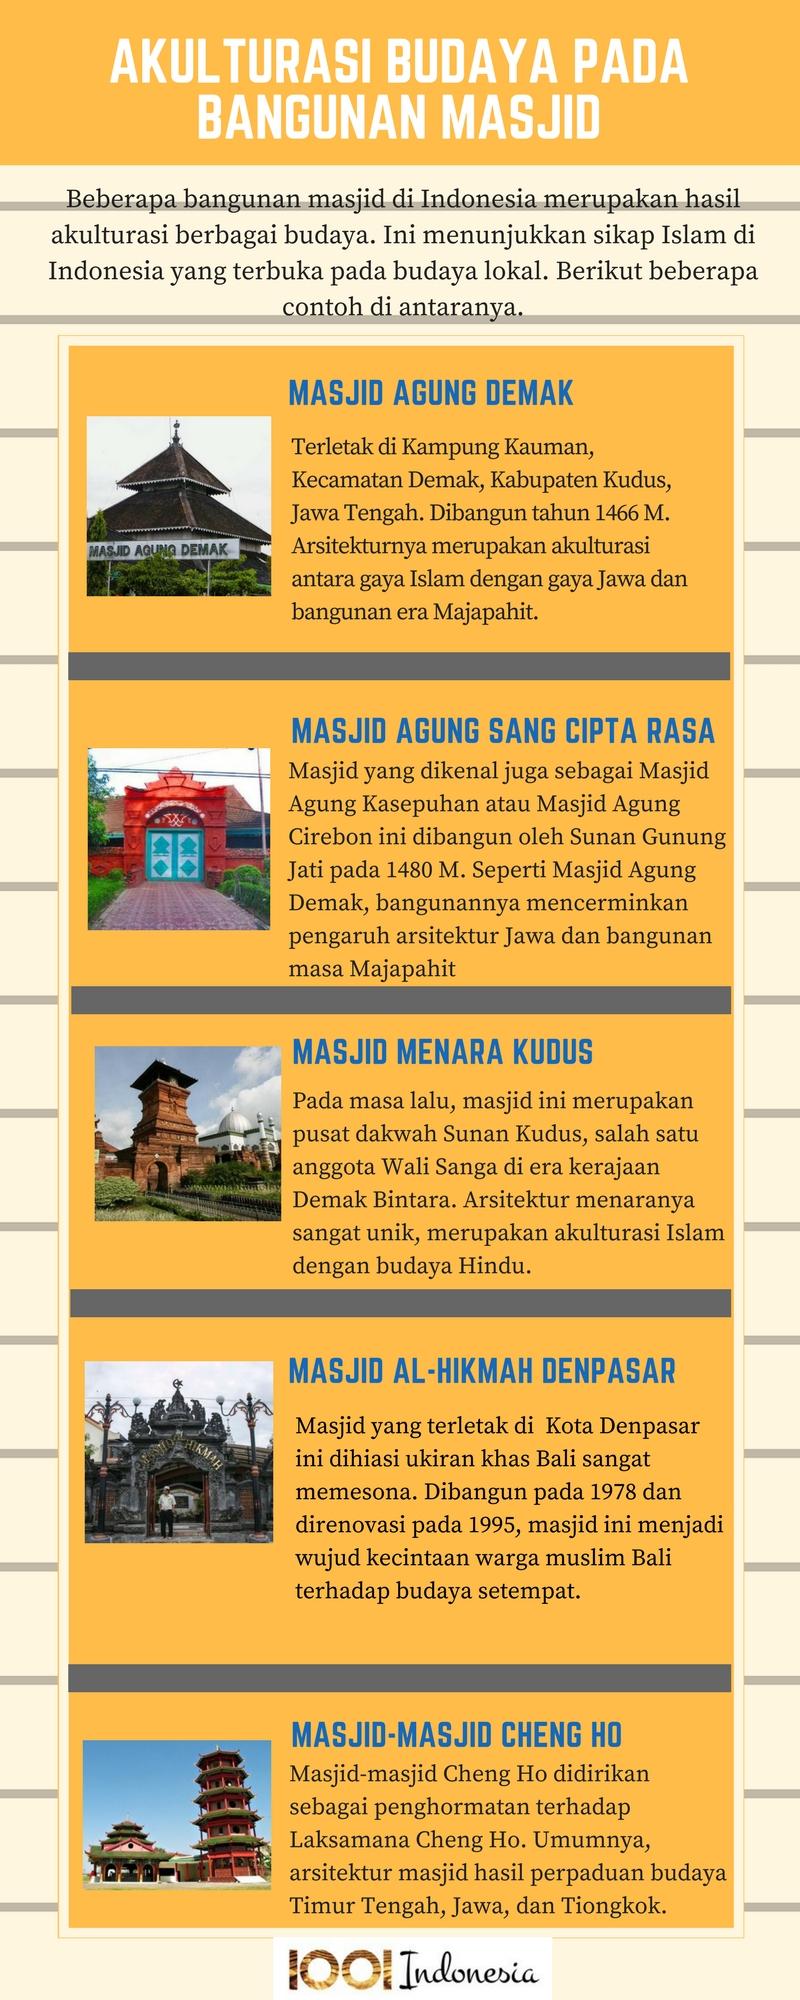 Akulturasi Budaya Di Indonesia : akulturasi, budaya, indonesia, Akulturasi, Budaya, Bangunan, Masjid, Indonesia